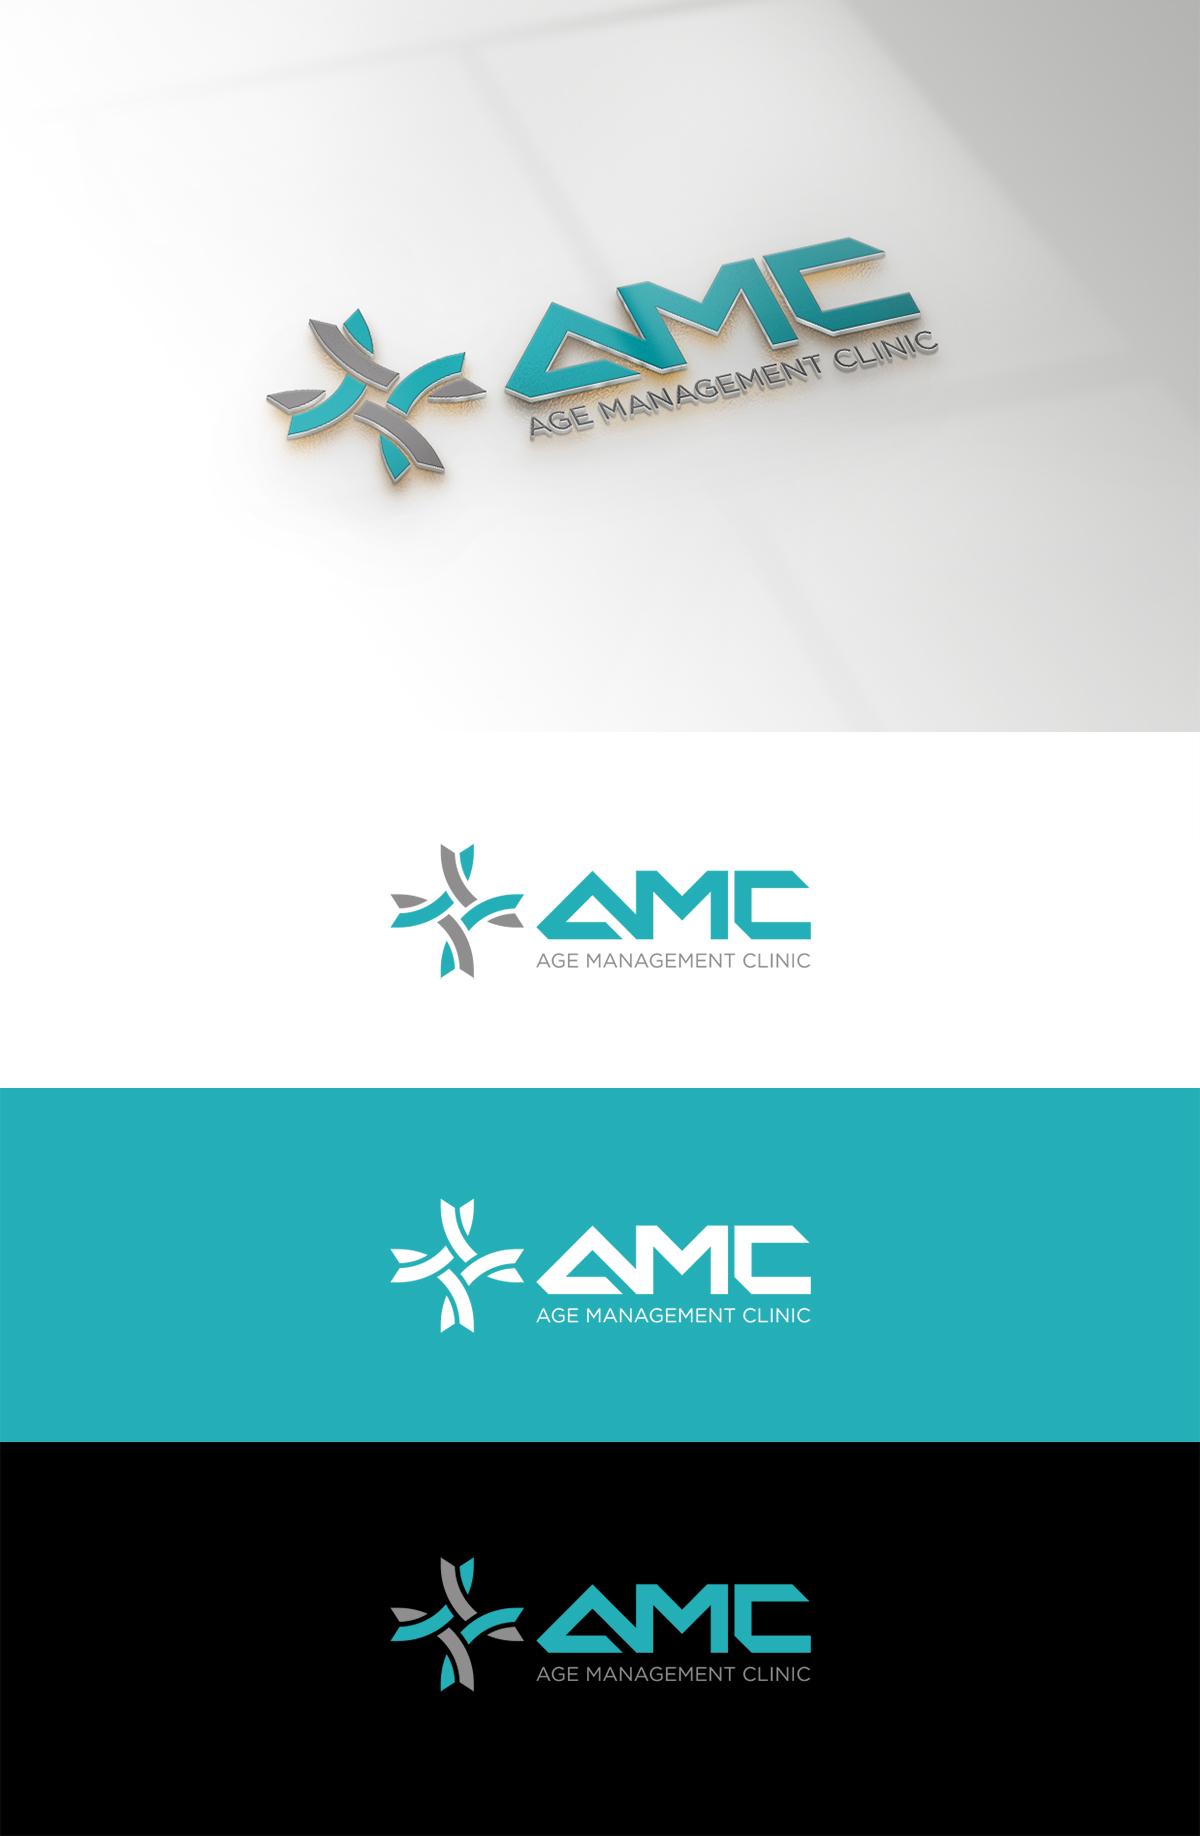 Логотип для медицинского центра (клиники)  фото f_9705ba15951e4b9d.jpg